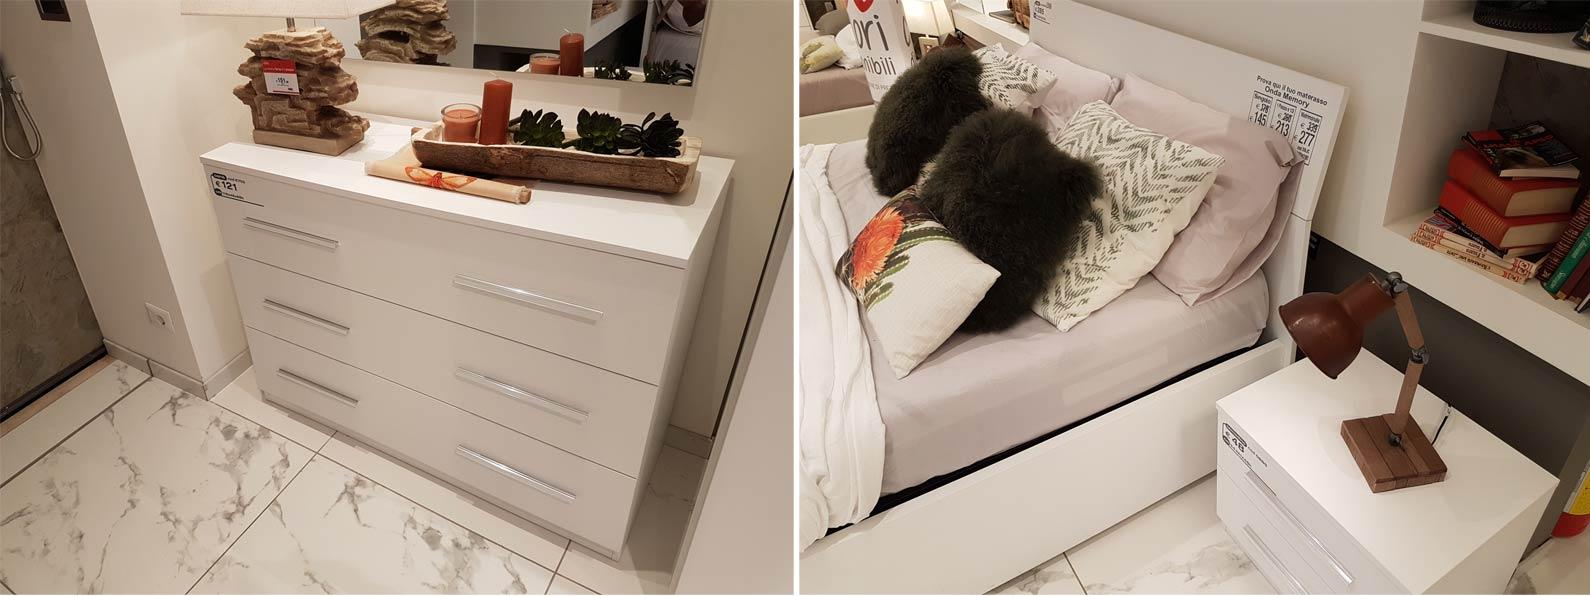 camera-da-letto-mondo-convenienza-1.jpg